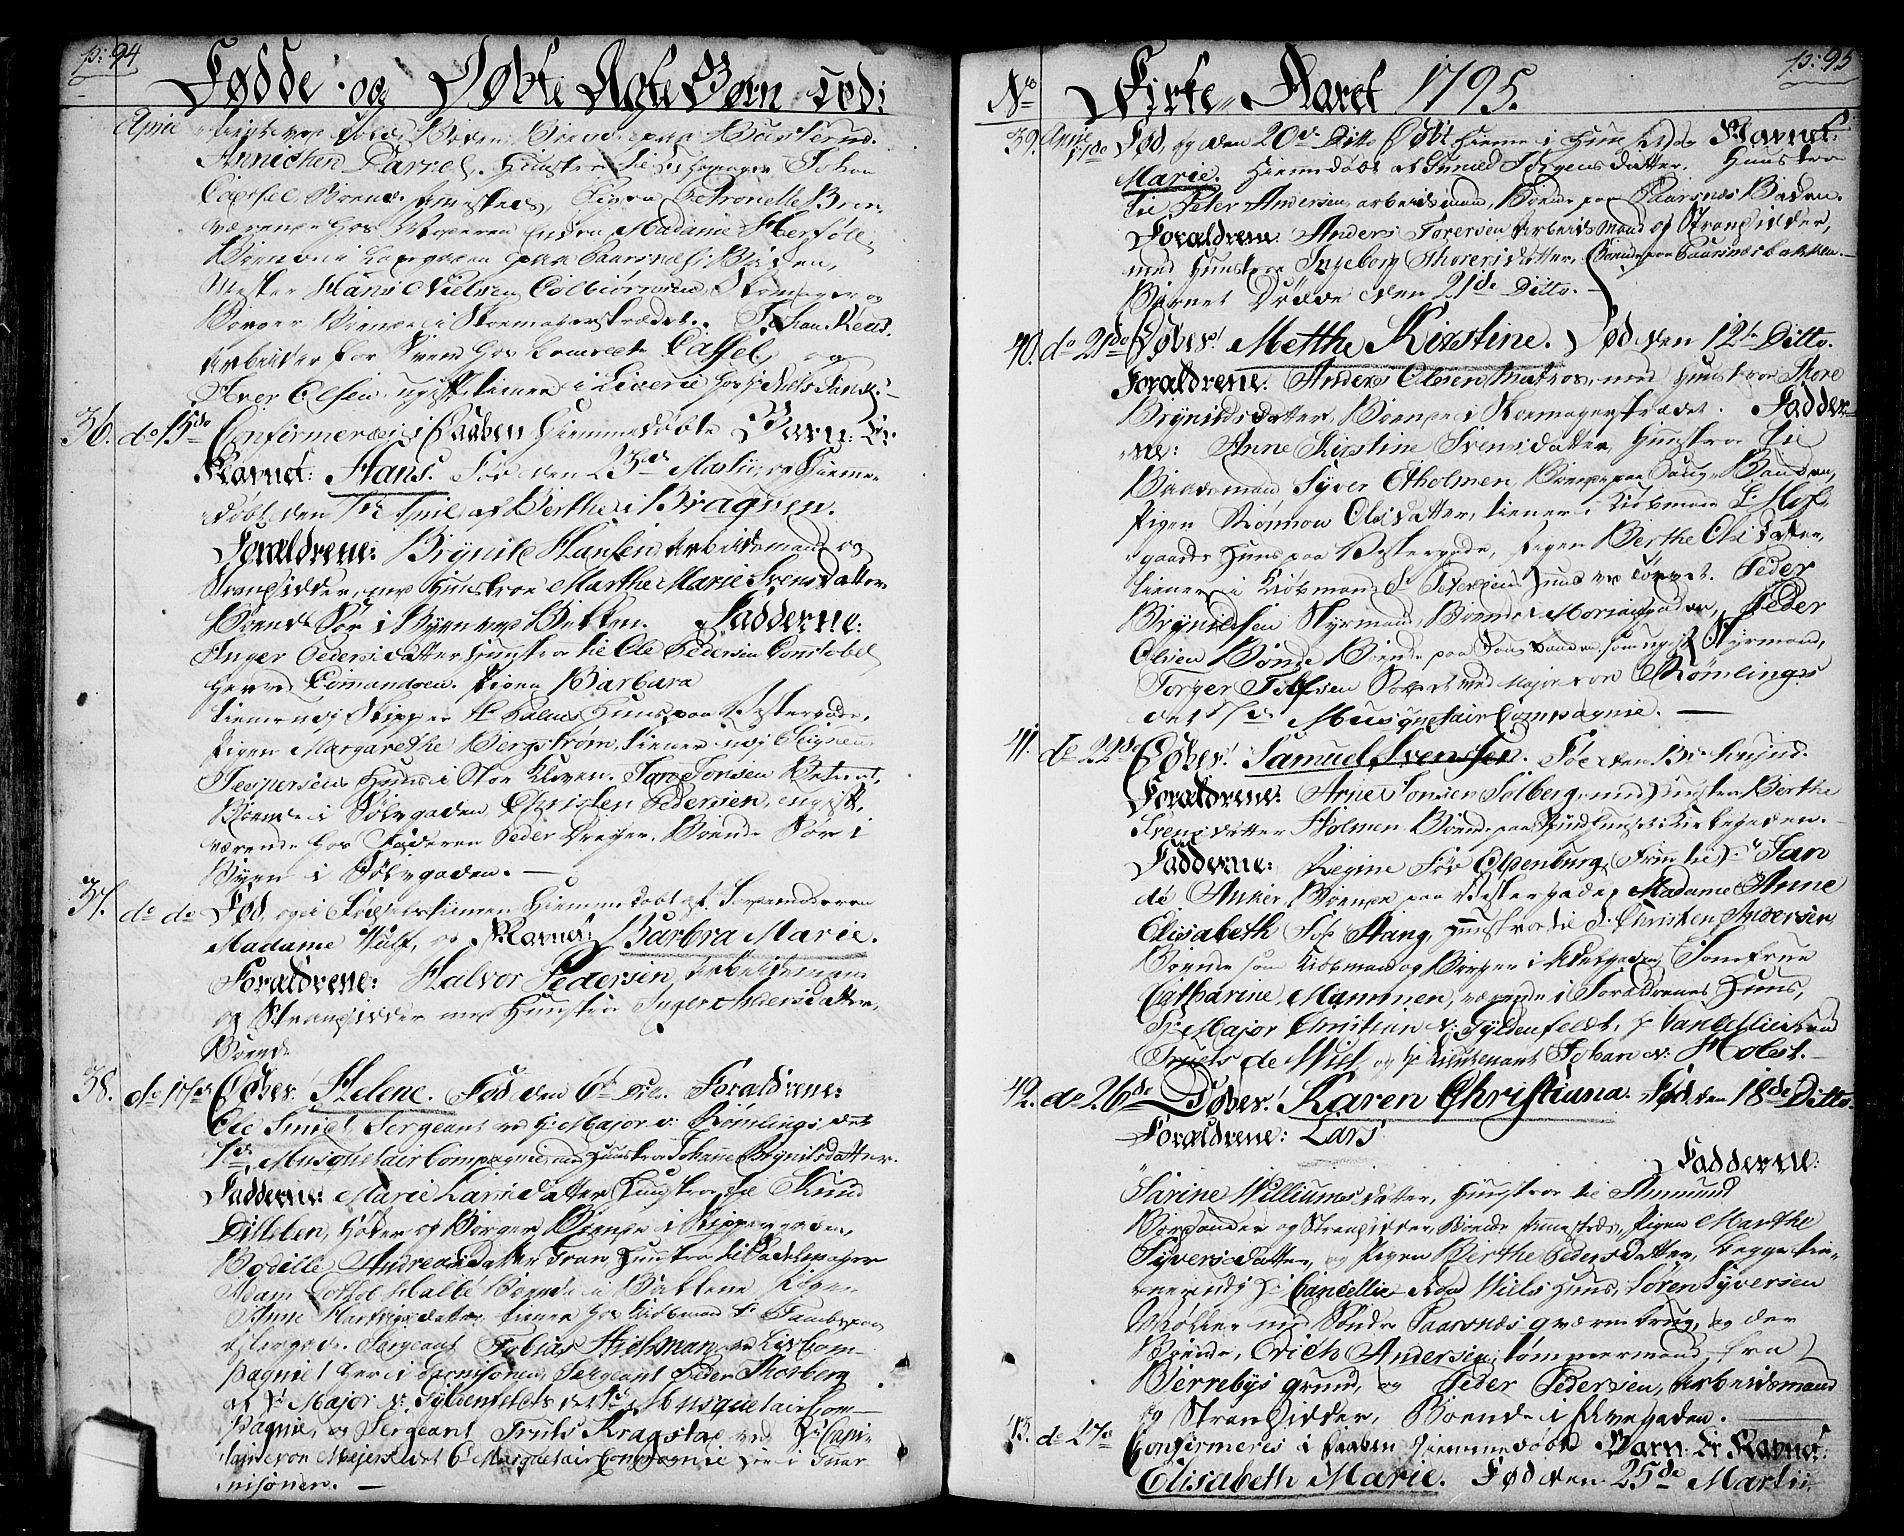 SAO, Halden prestekontor Kirkebøker, F/Fa/L0002: Ministerialbok nr. I 2, 1792-1812, s. 94-95